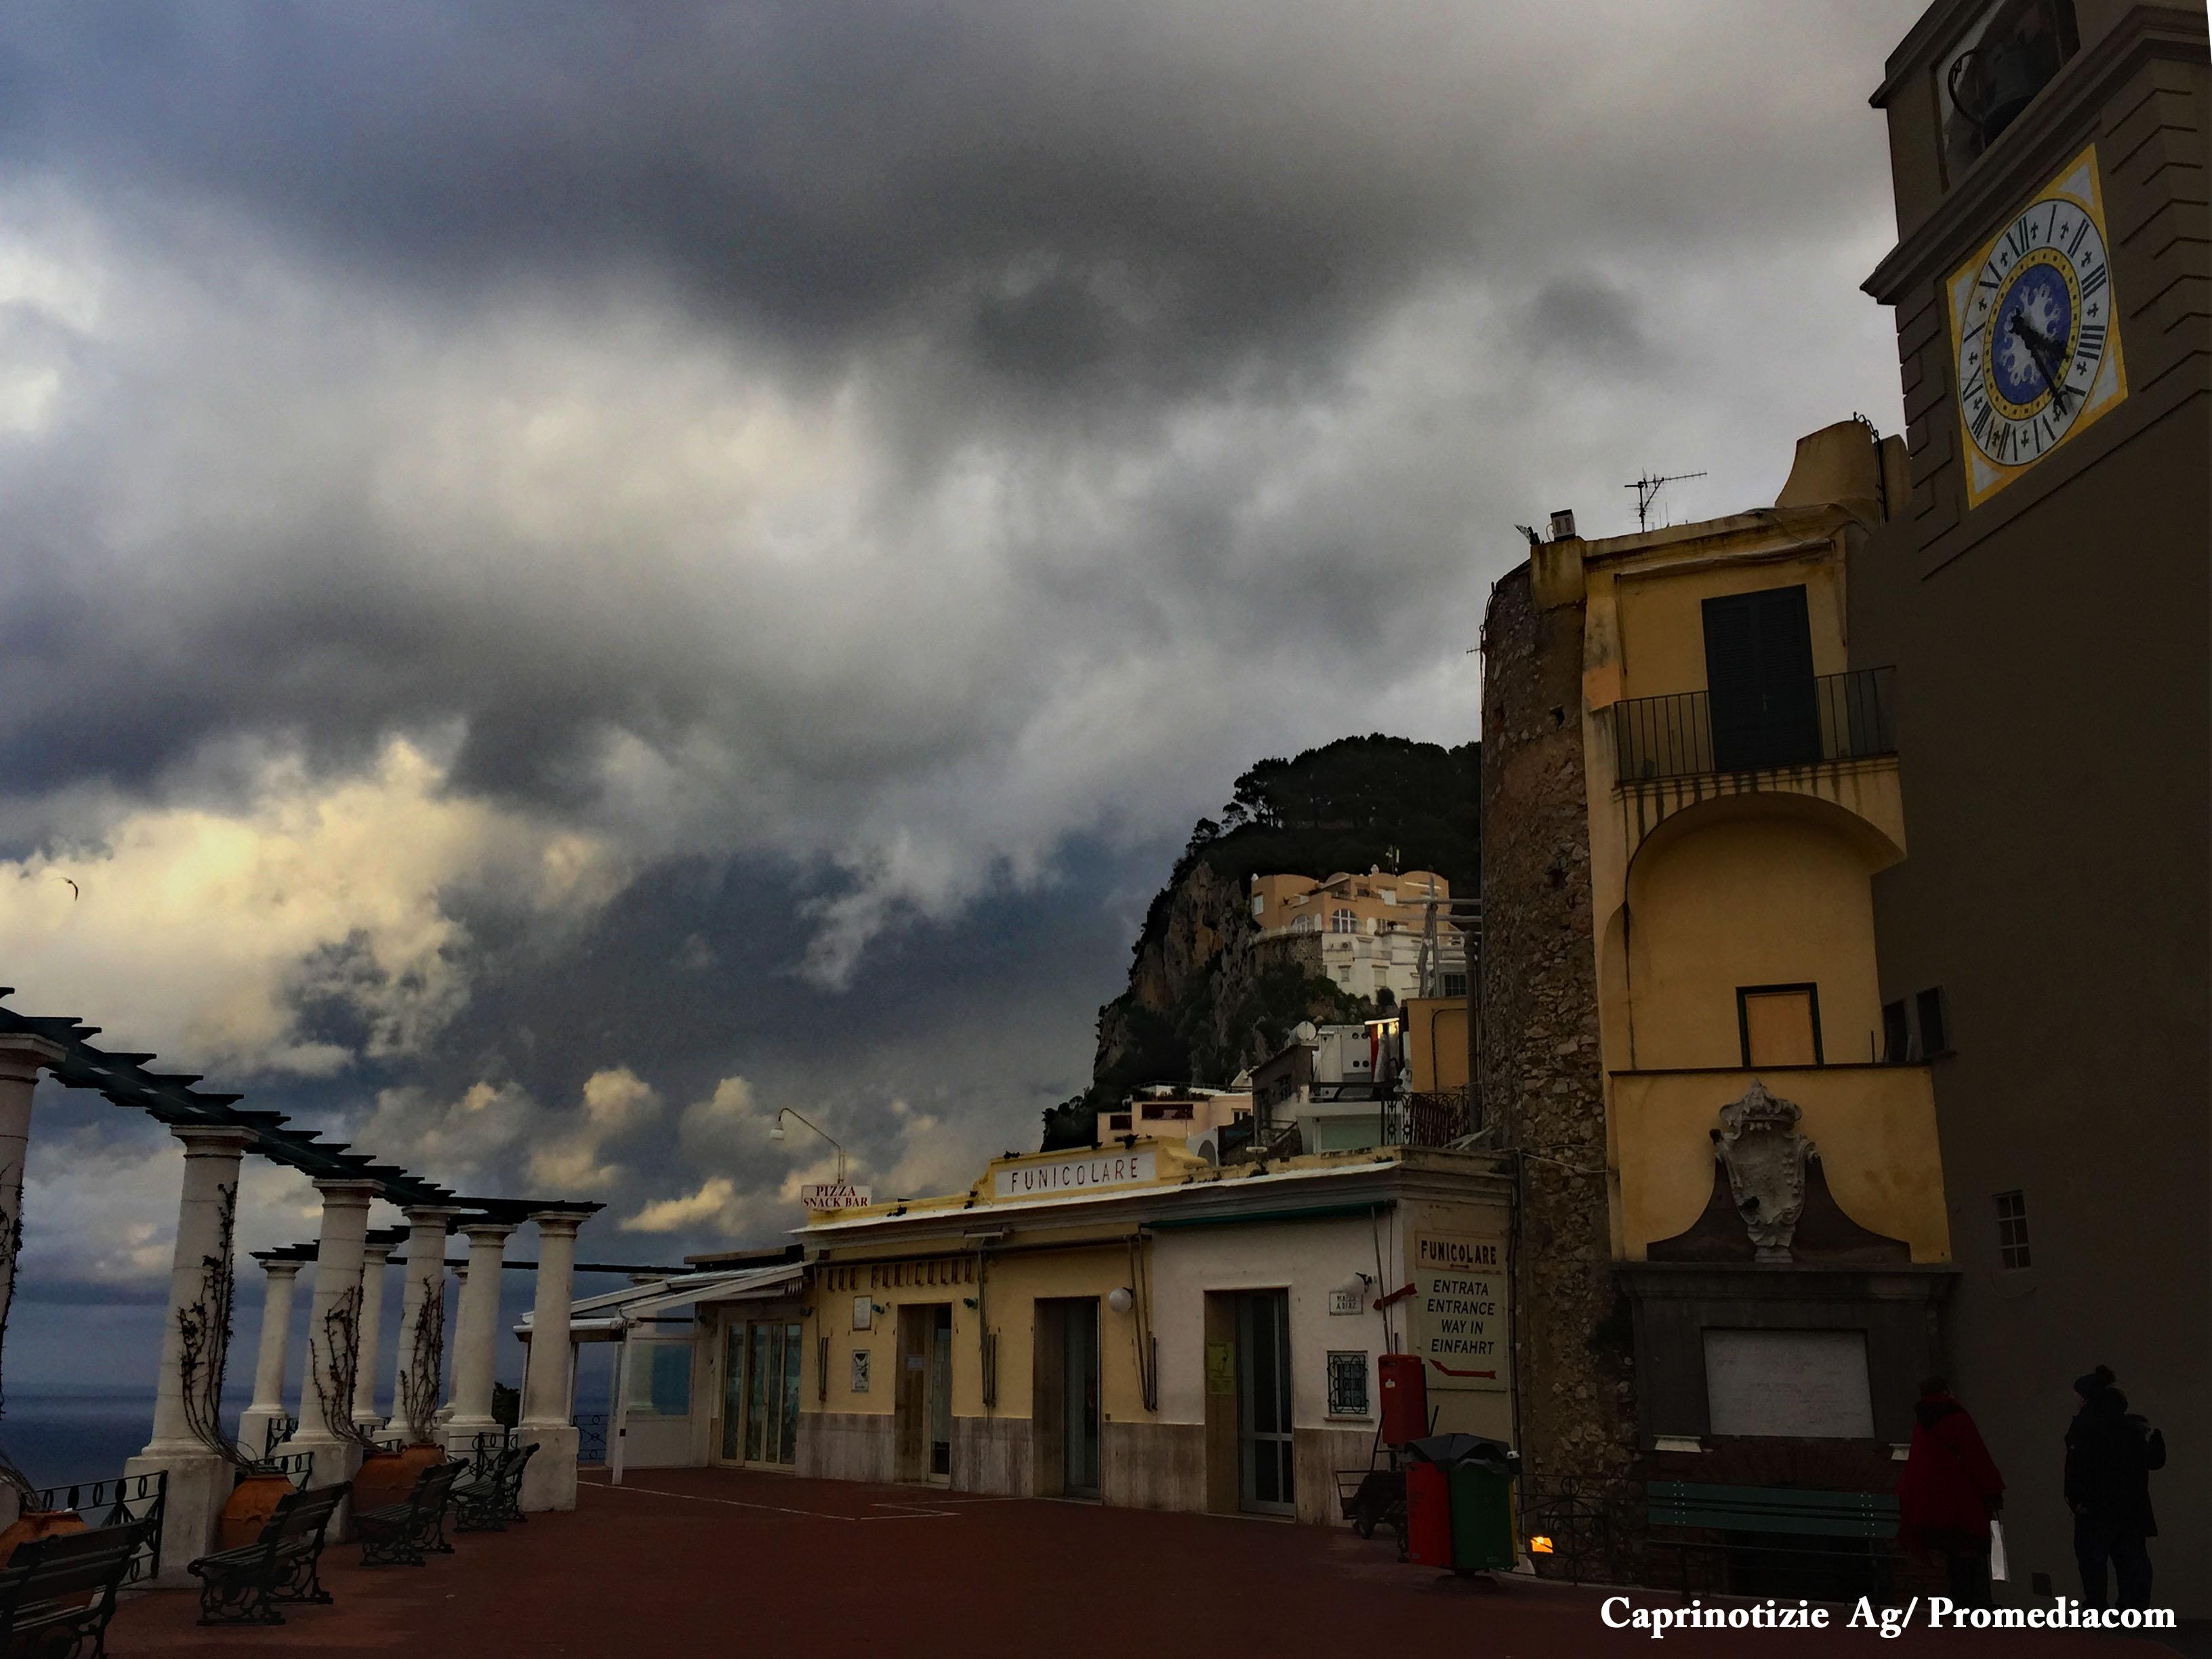 Capri. Il Fascino della Piazzetta della Funicolare abbracciata dalle Nuvole